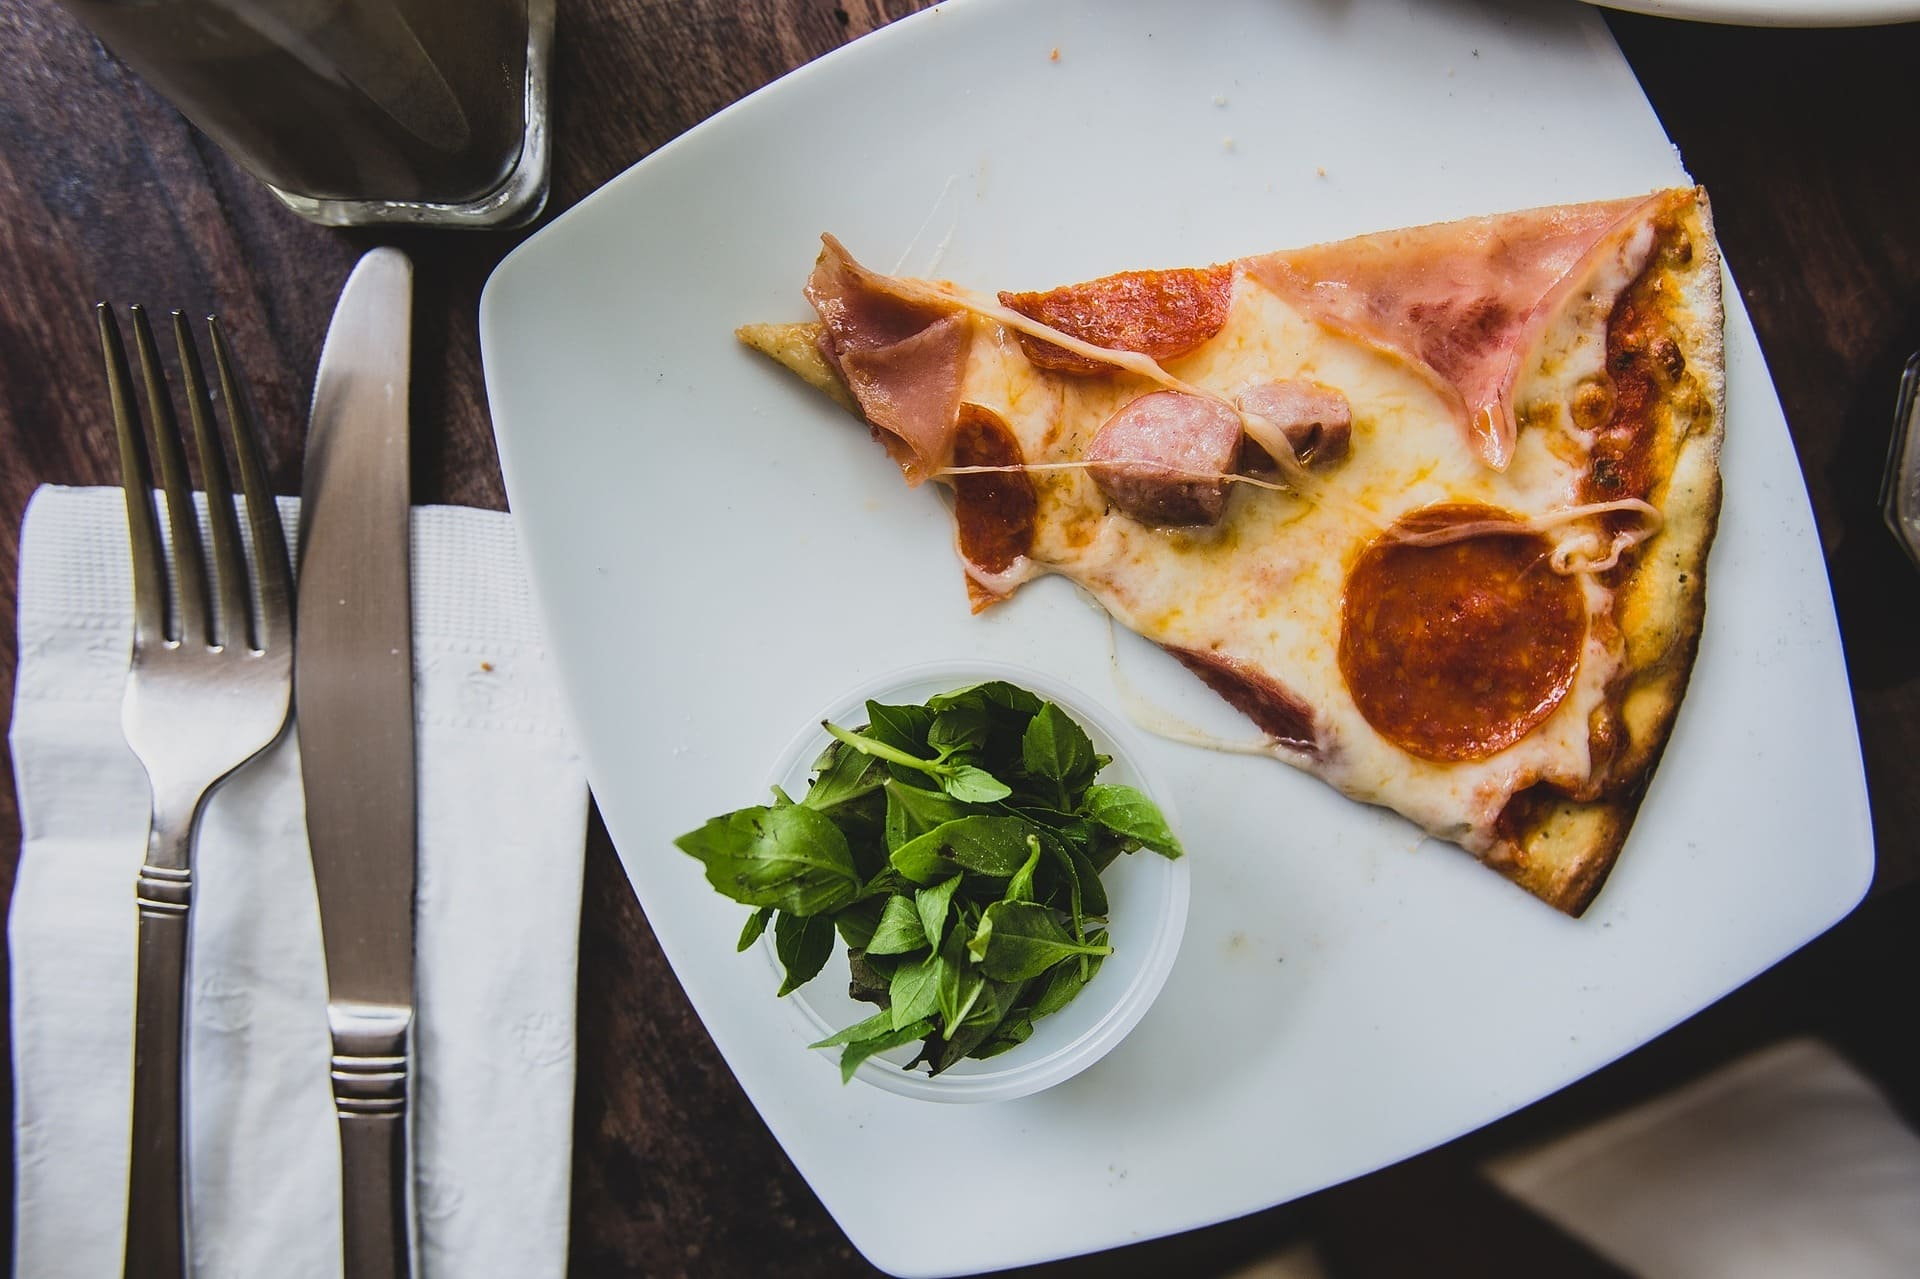 Desayunar pizza no es tan malo